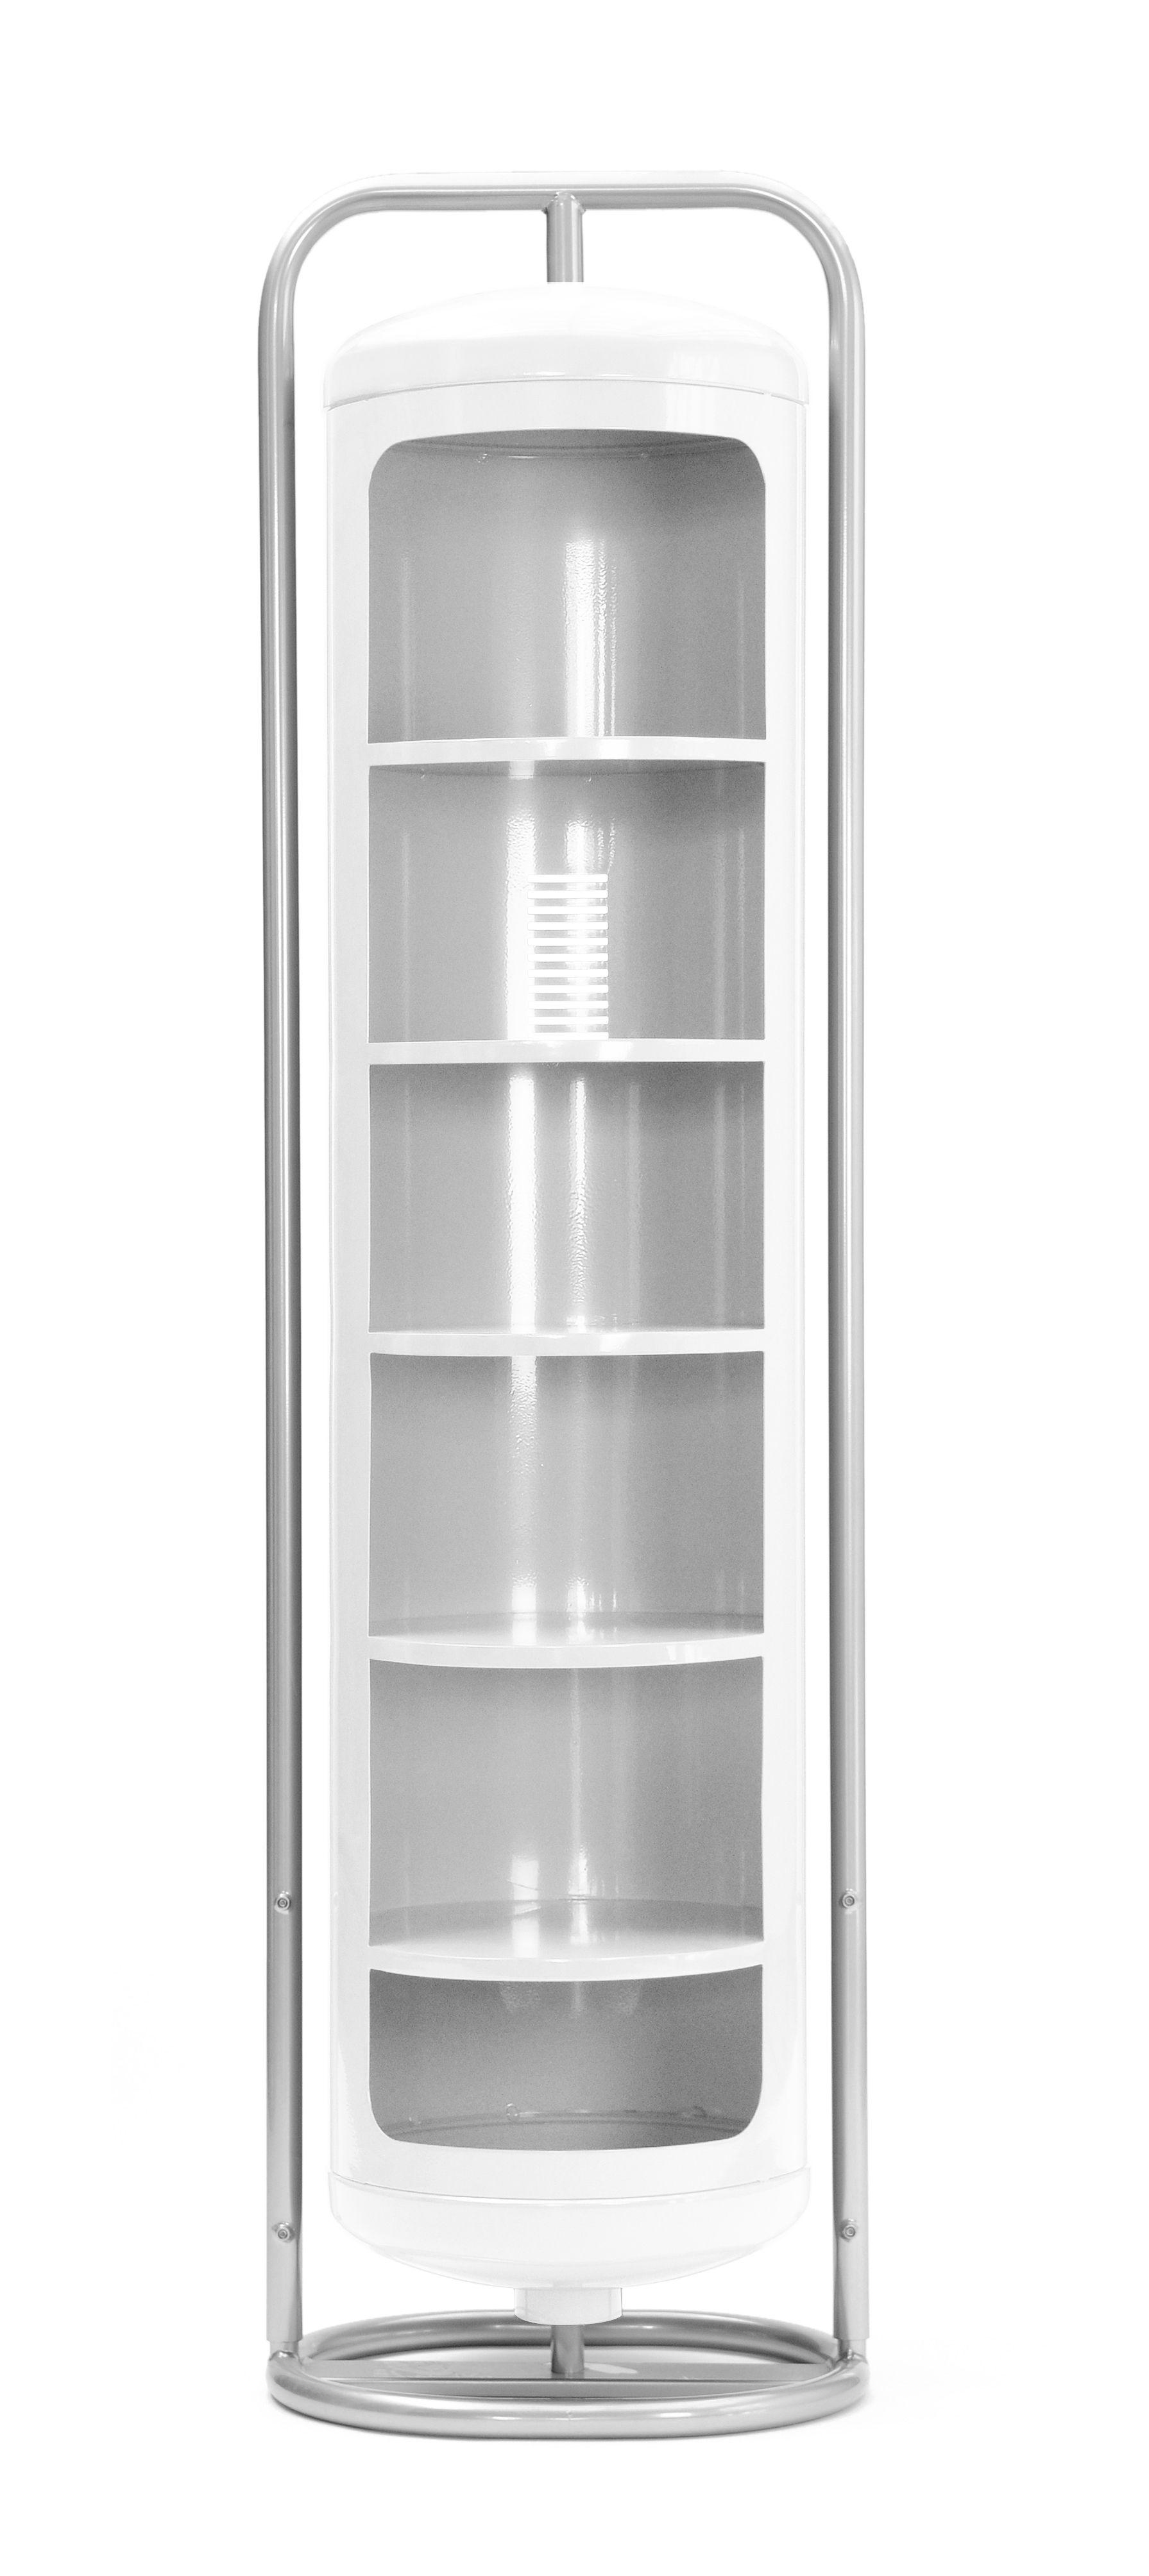 Mobilier - Etagères & bibliothèques - Armoire Cylindre Mono - Tolix - Blanc - Acier recyclé laqué